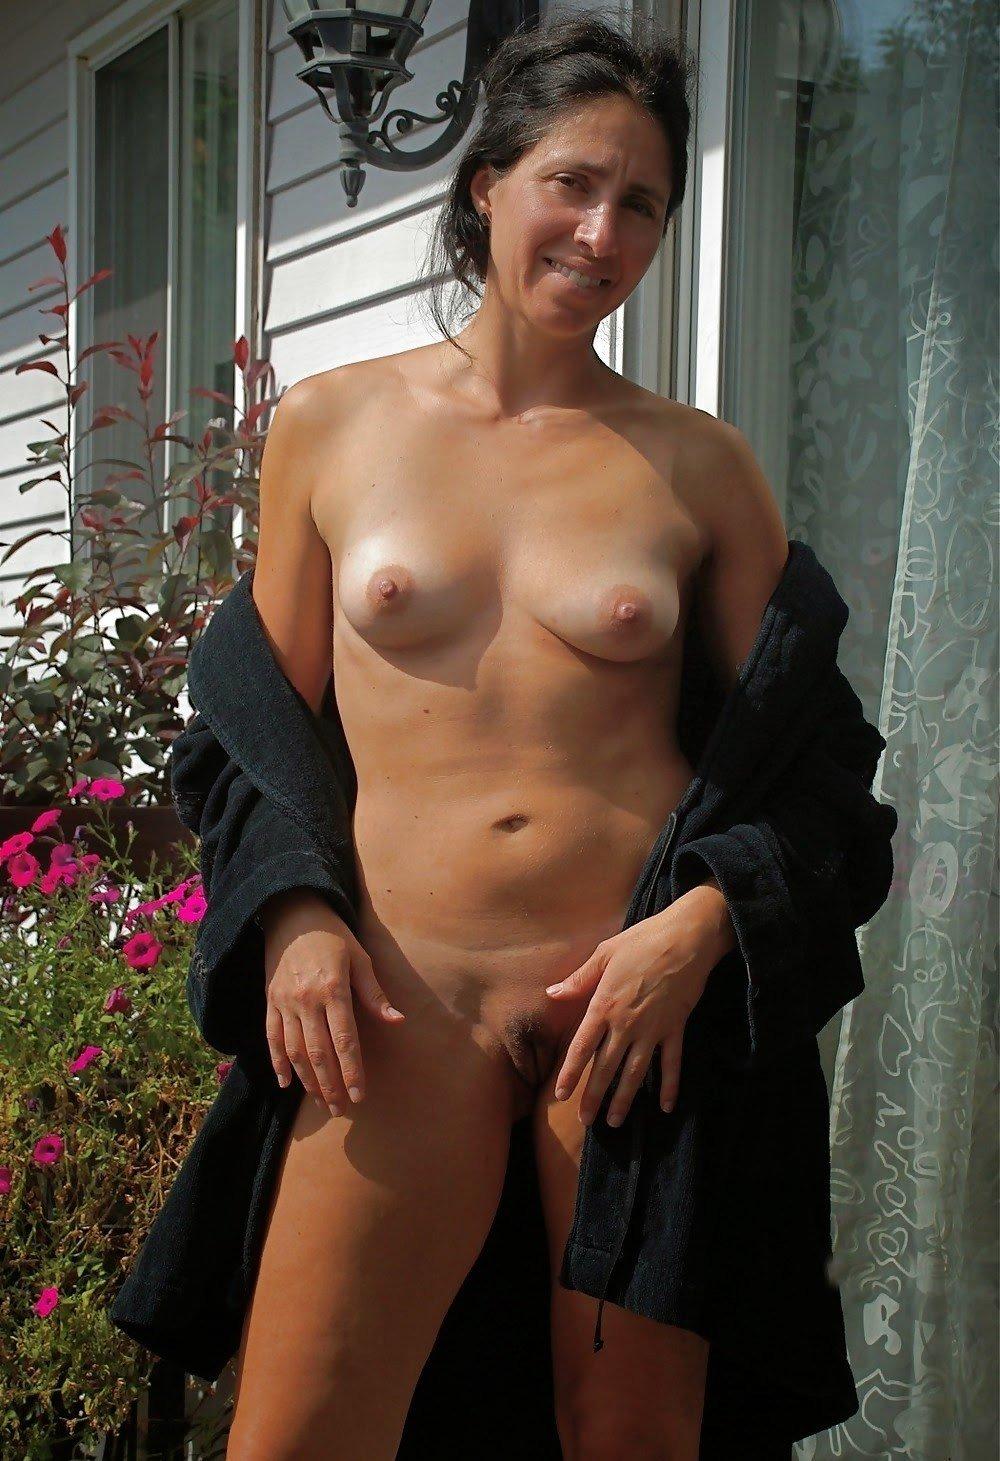 Mulheres peladas na praia em fotos amadoras